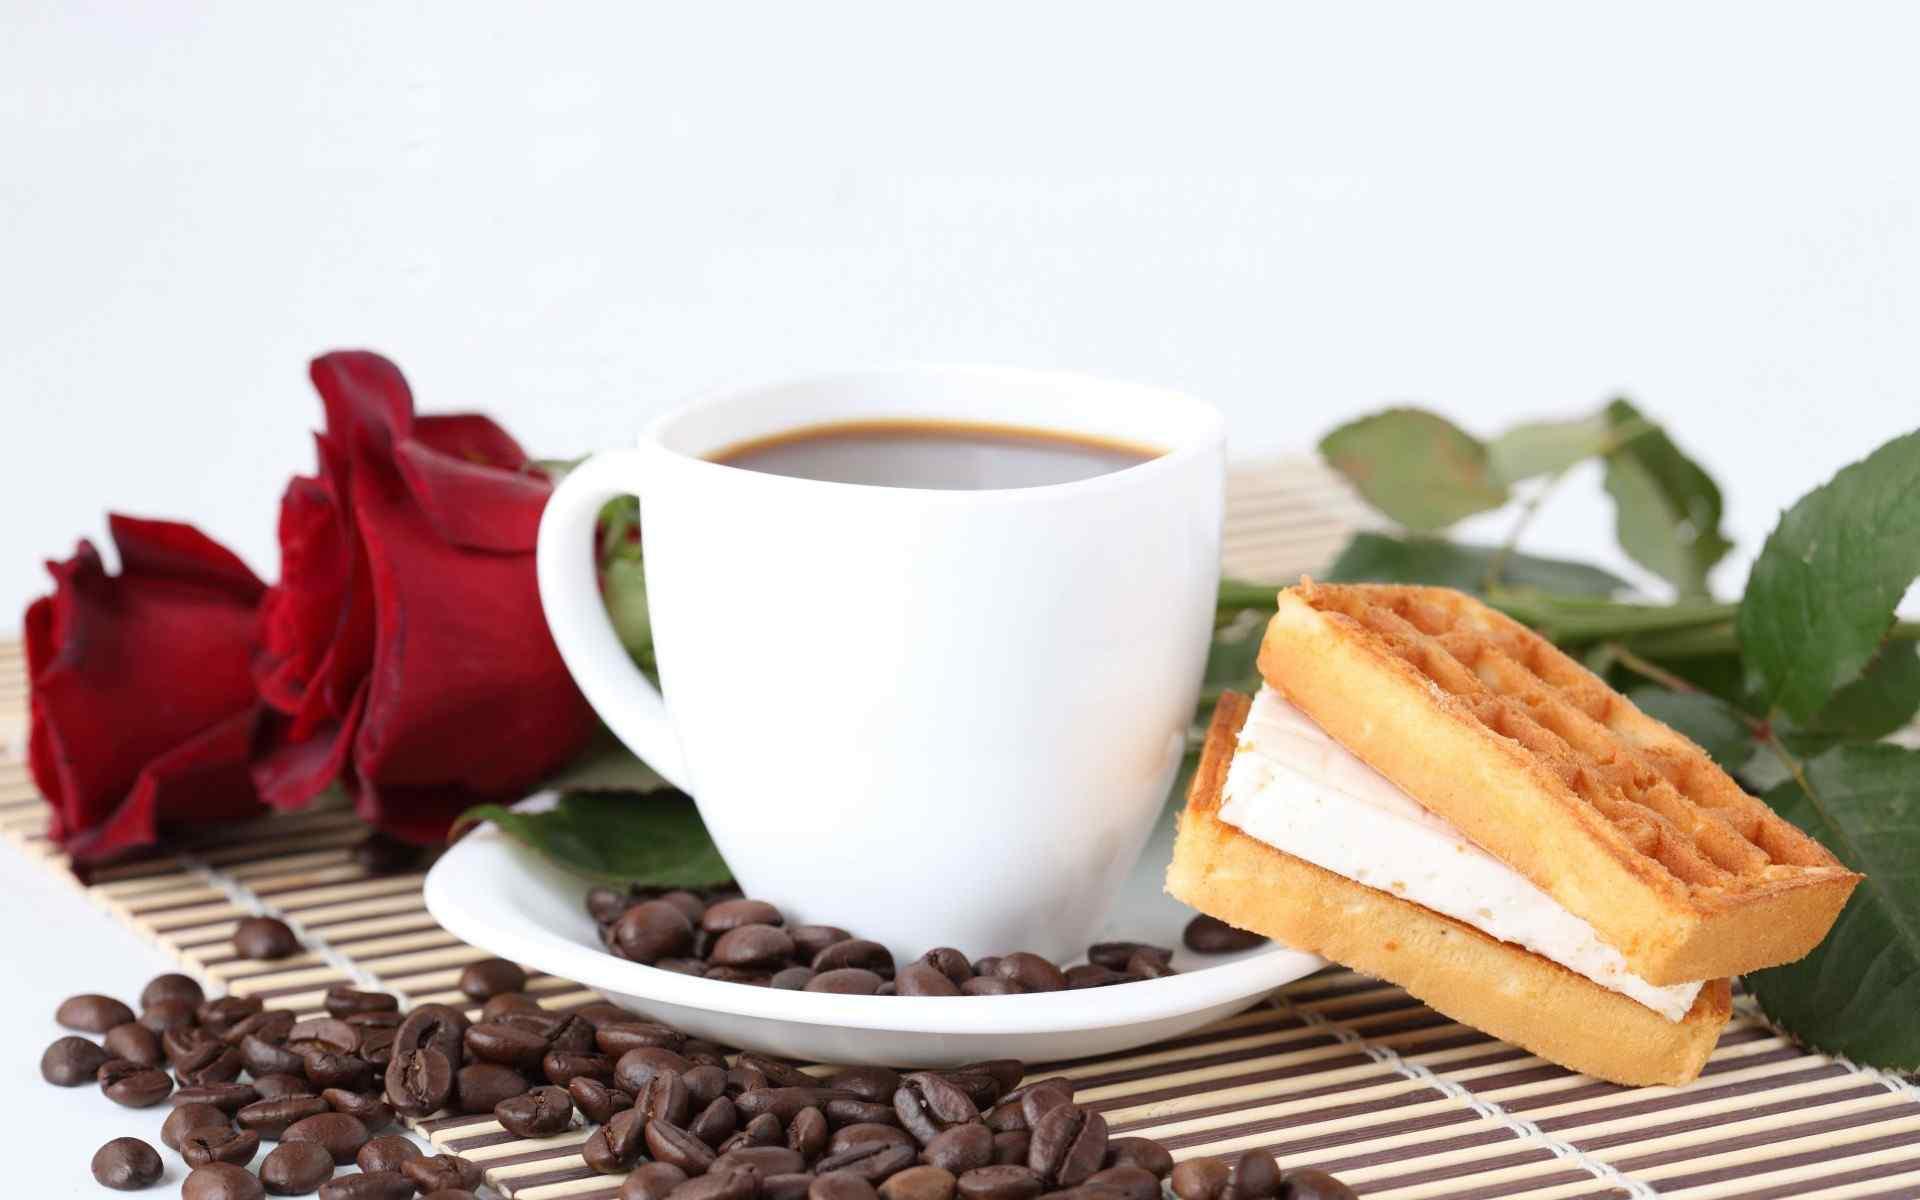 精选美味早餐咖啡加面包桌面壁纸